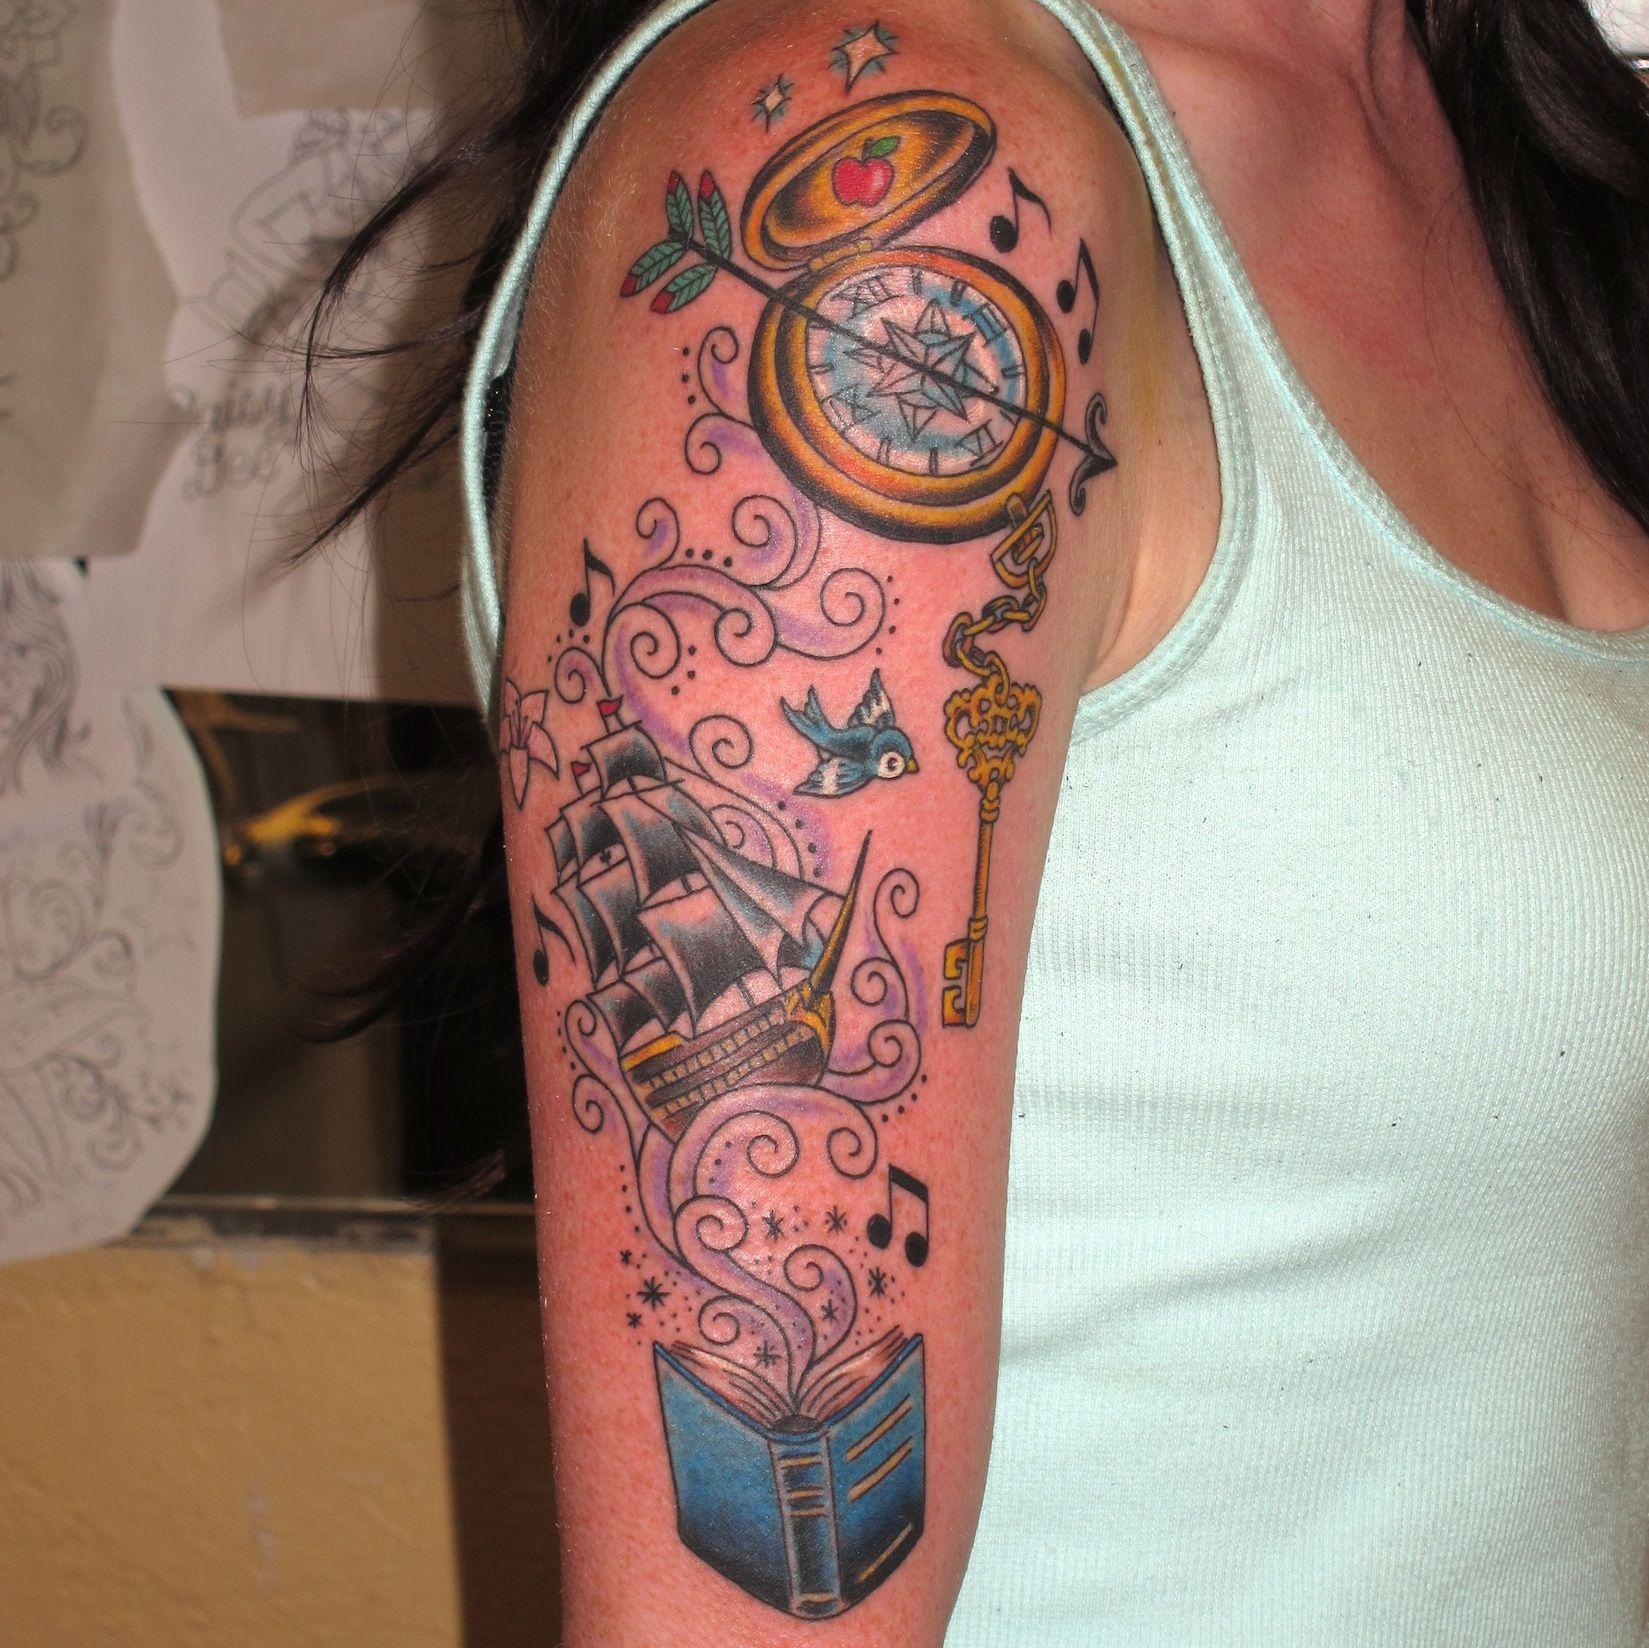 Austin Watercolor Tattoo: Magical Disneyesque Tattoo By Jon Reed, All Saints Tattoo